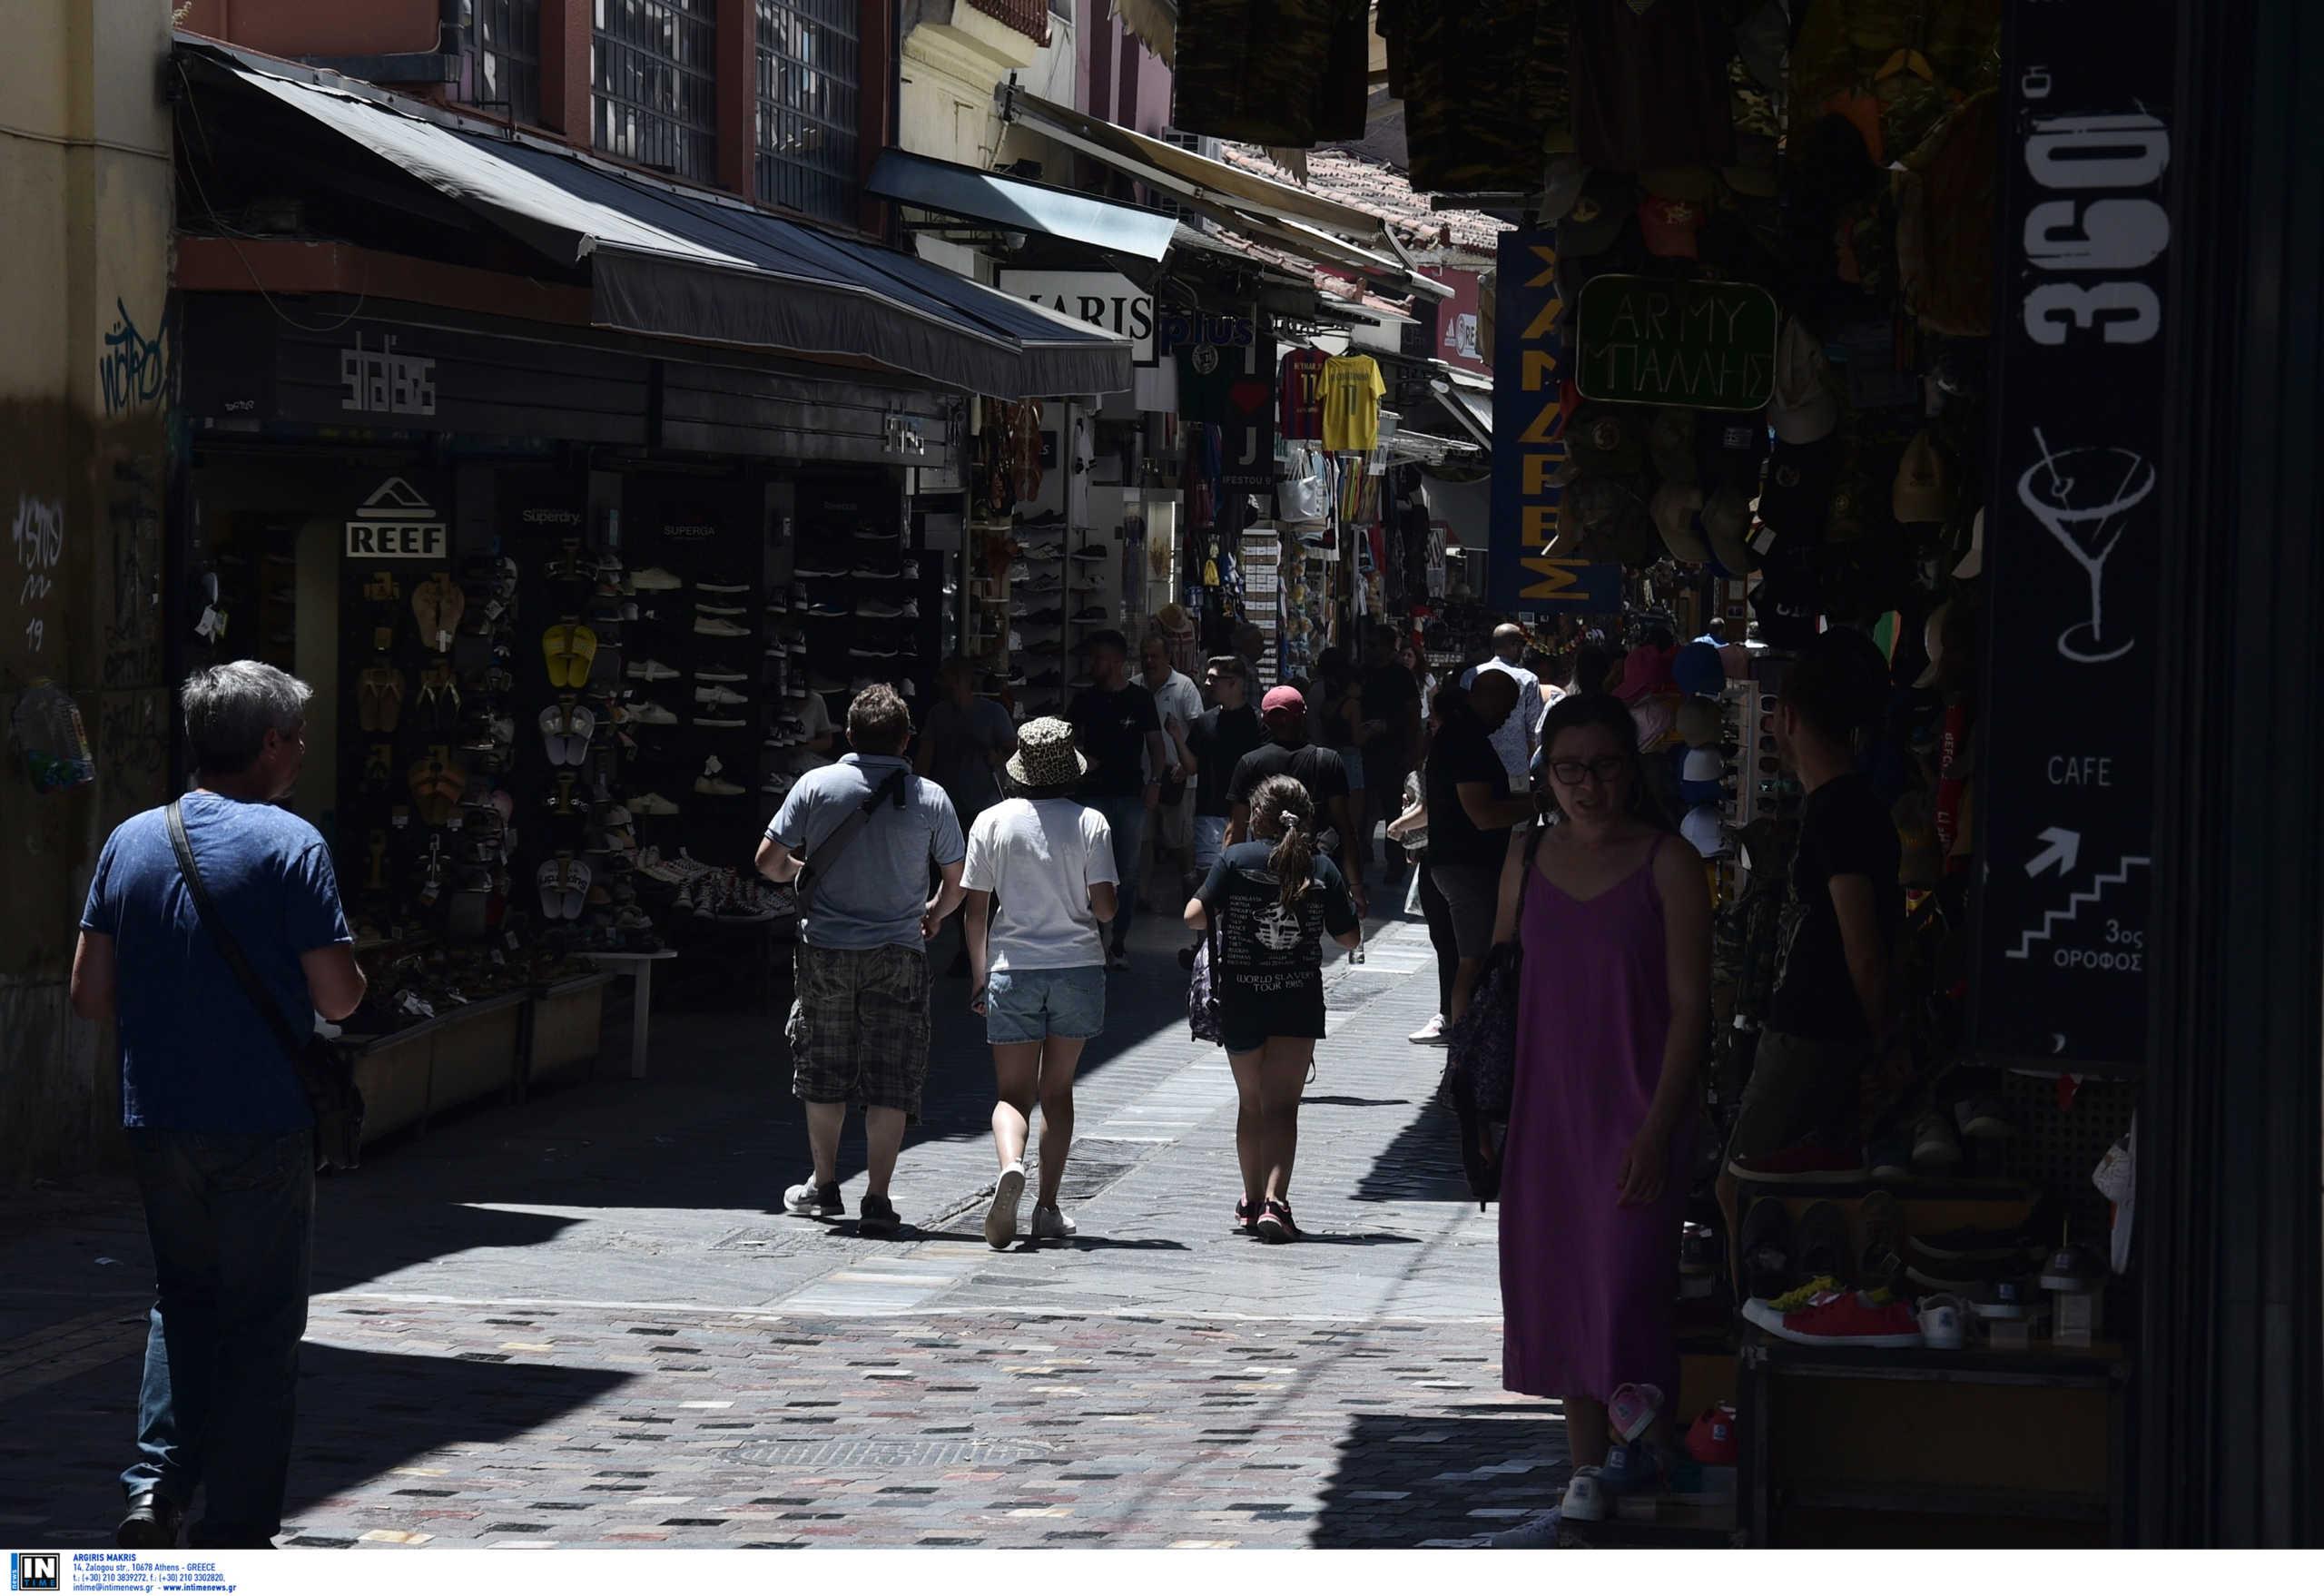 ΣΕΛΠΕ: 4 στους 10 εκτιμούν ότι η κρίση λόγω κορονοϊού θα ξεπεραστεί το 2022 – Τα συμπεράσματα έρευνας